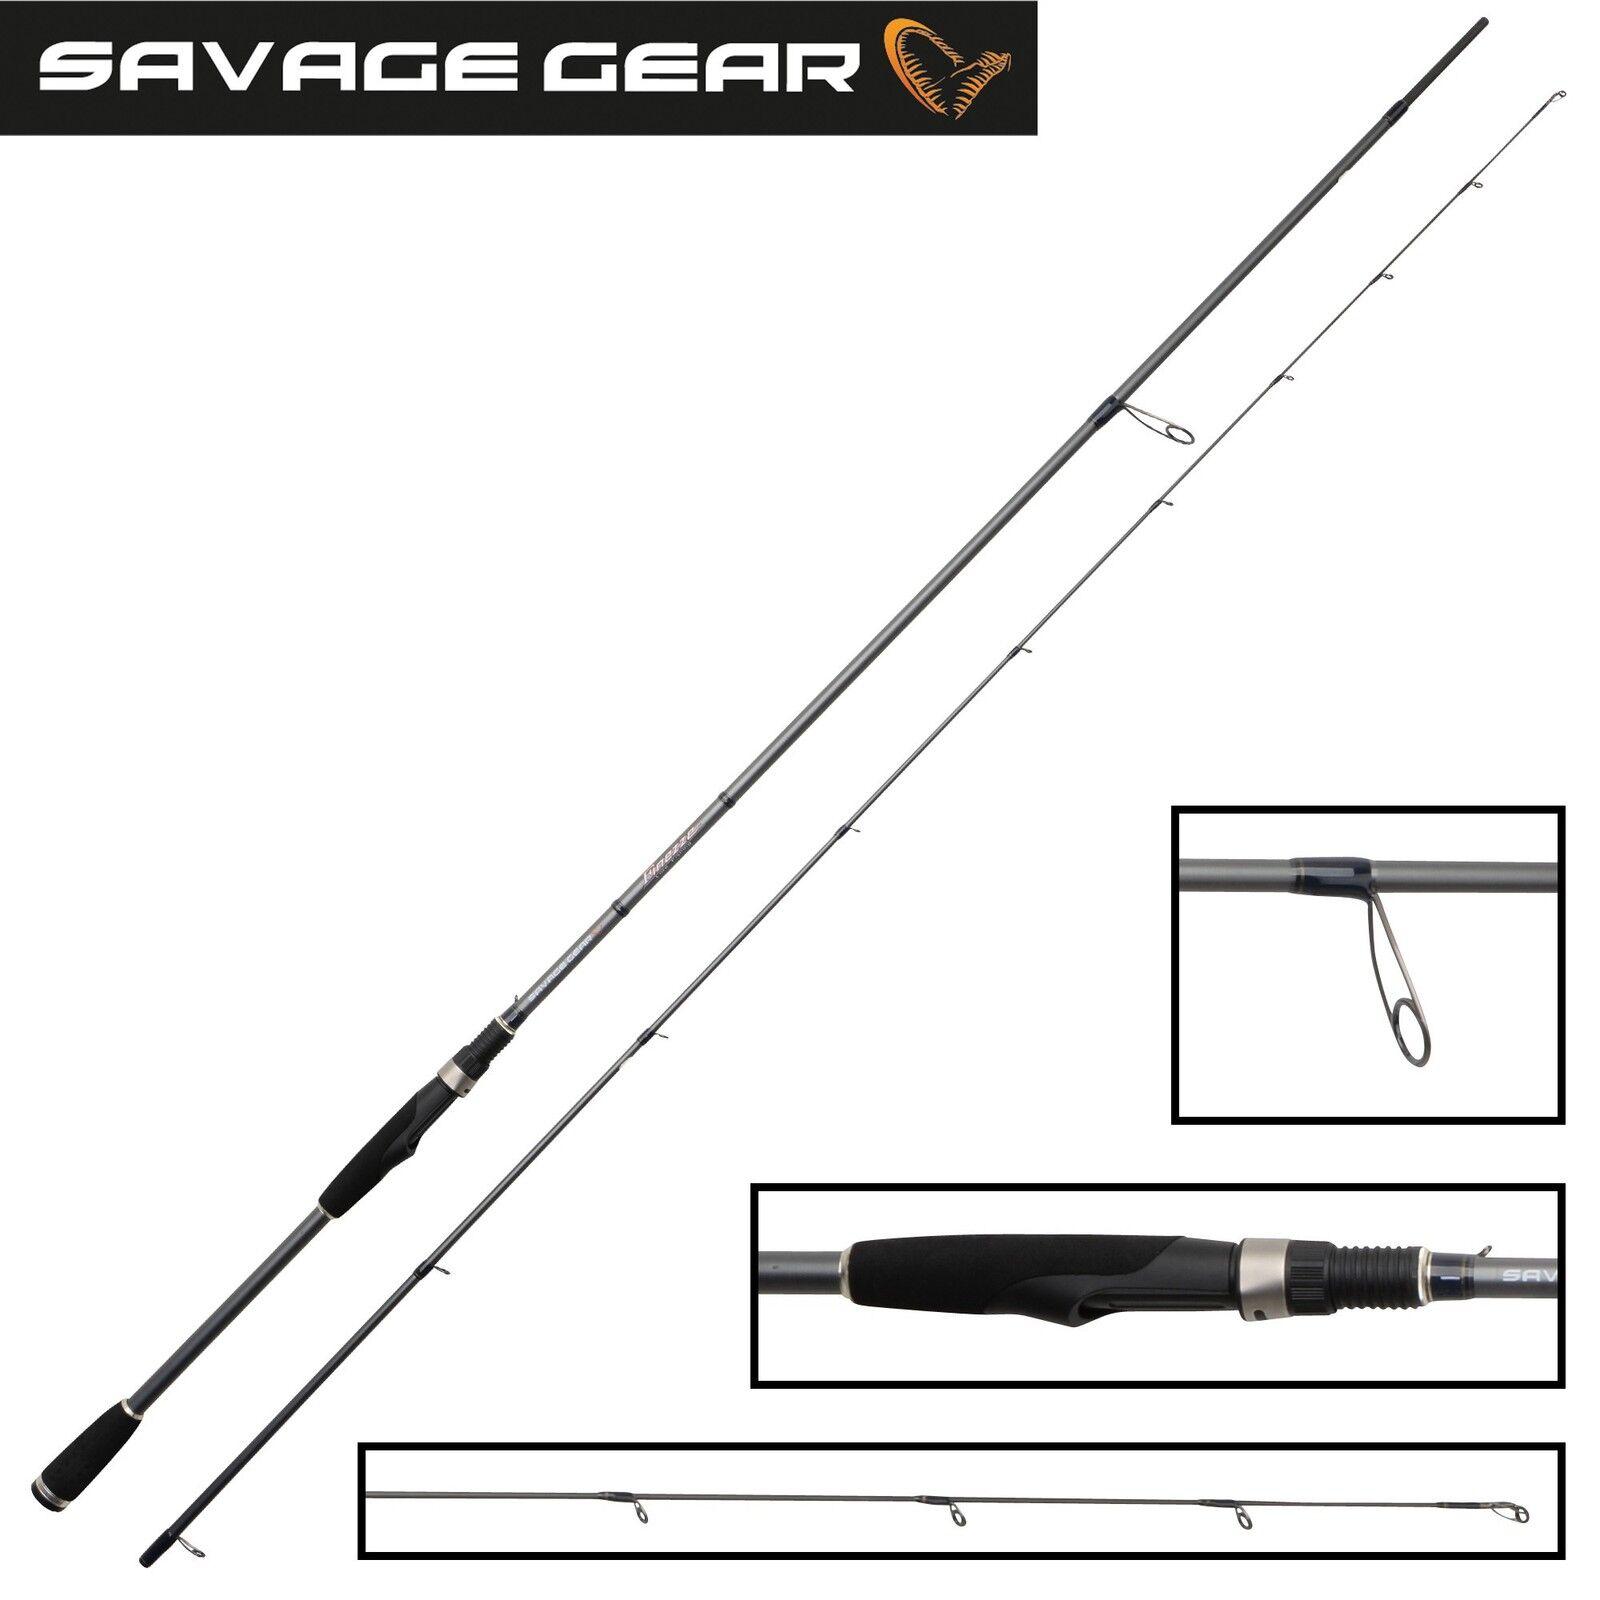 Savage Gear Finezze Softlure Spinnrute 250cm 5-21g Spinnrute Softlure für Gummifisch und Kunstköder 29c523